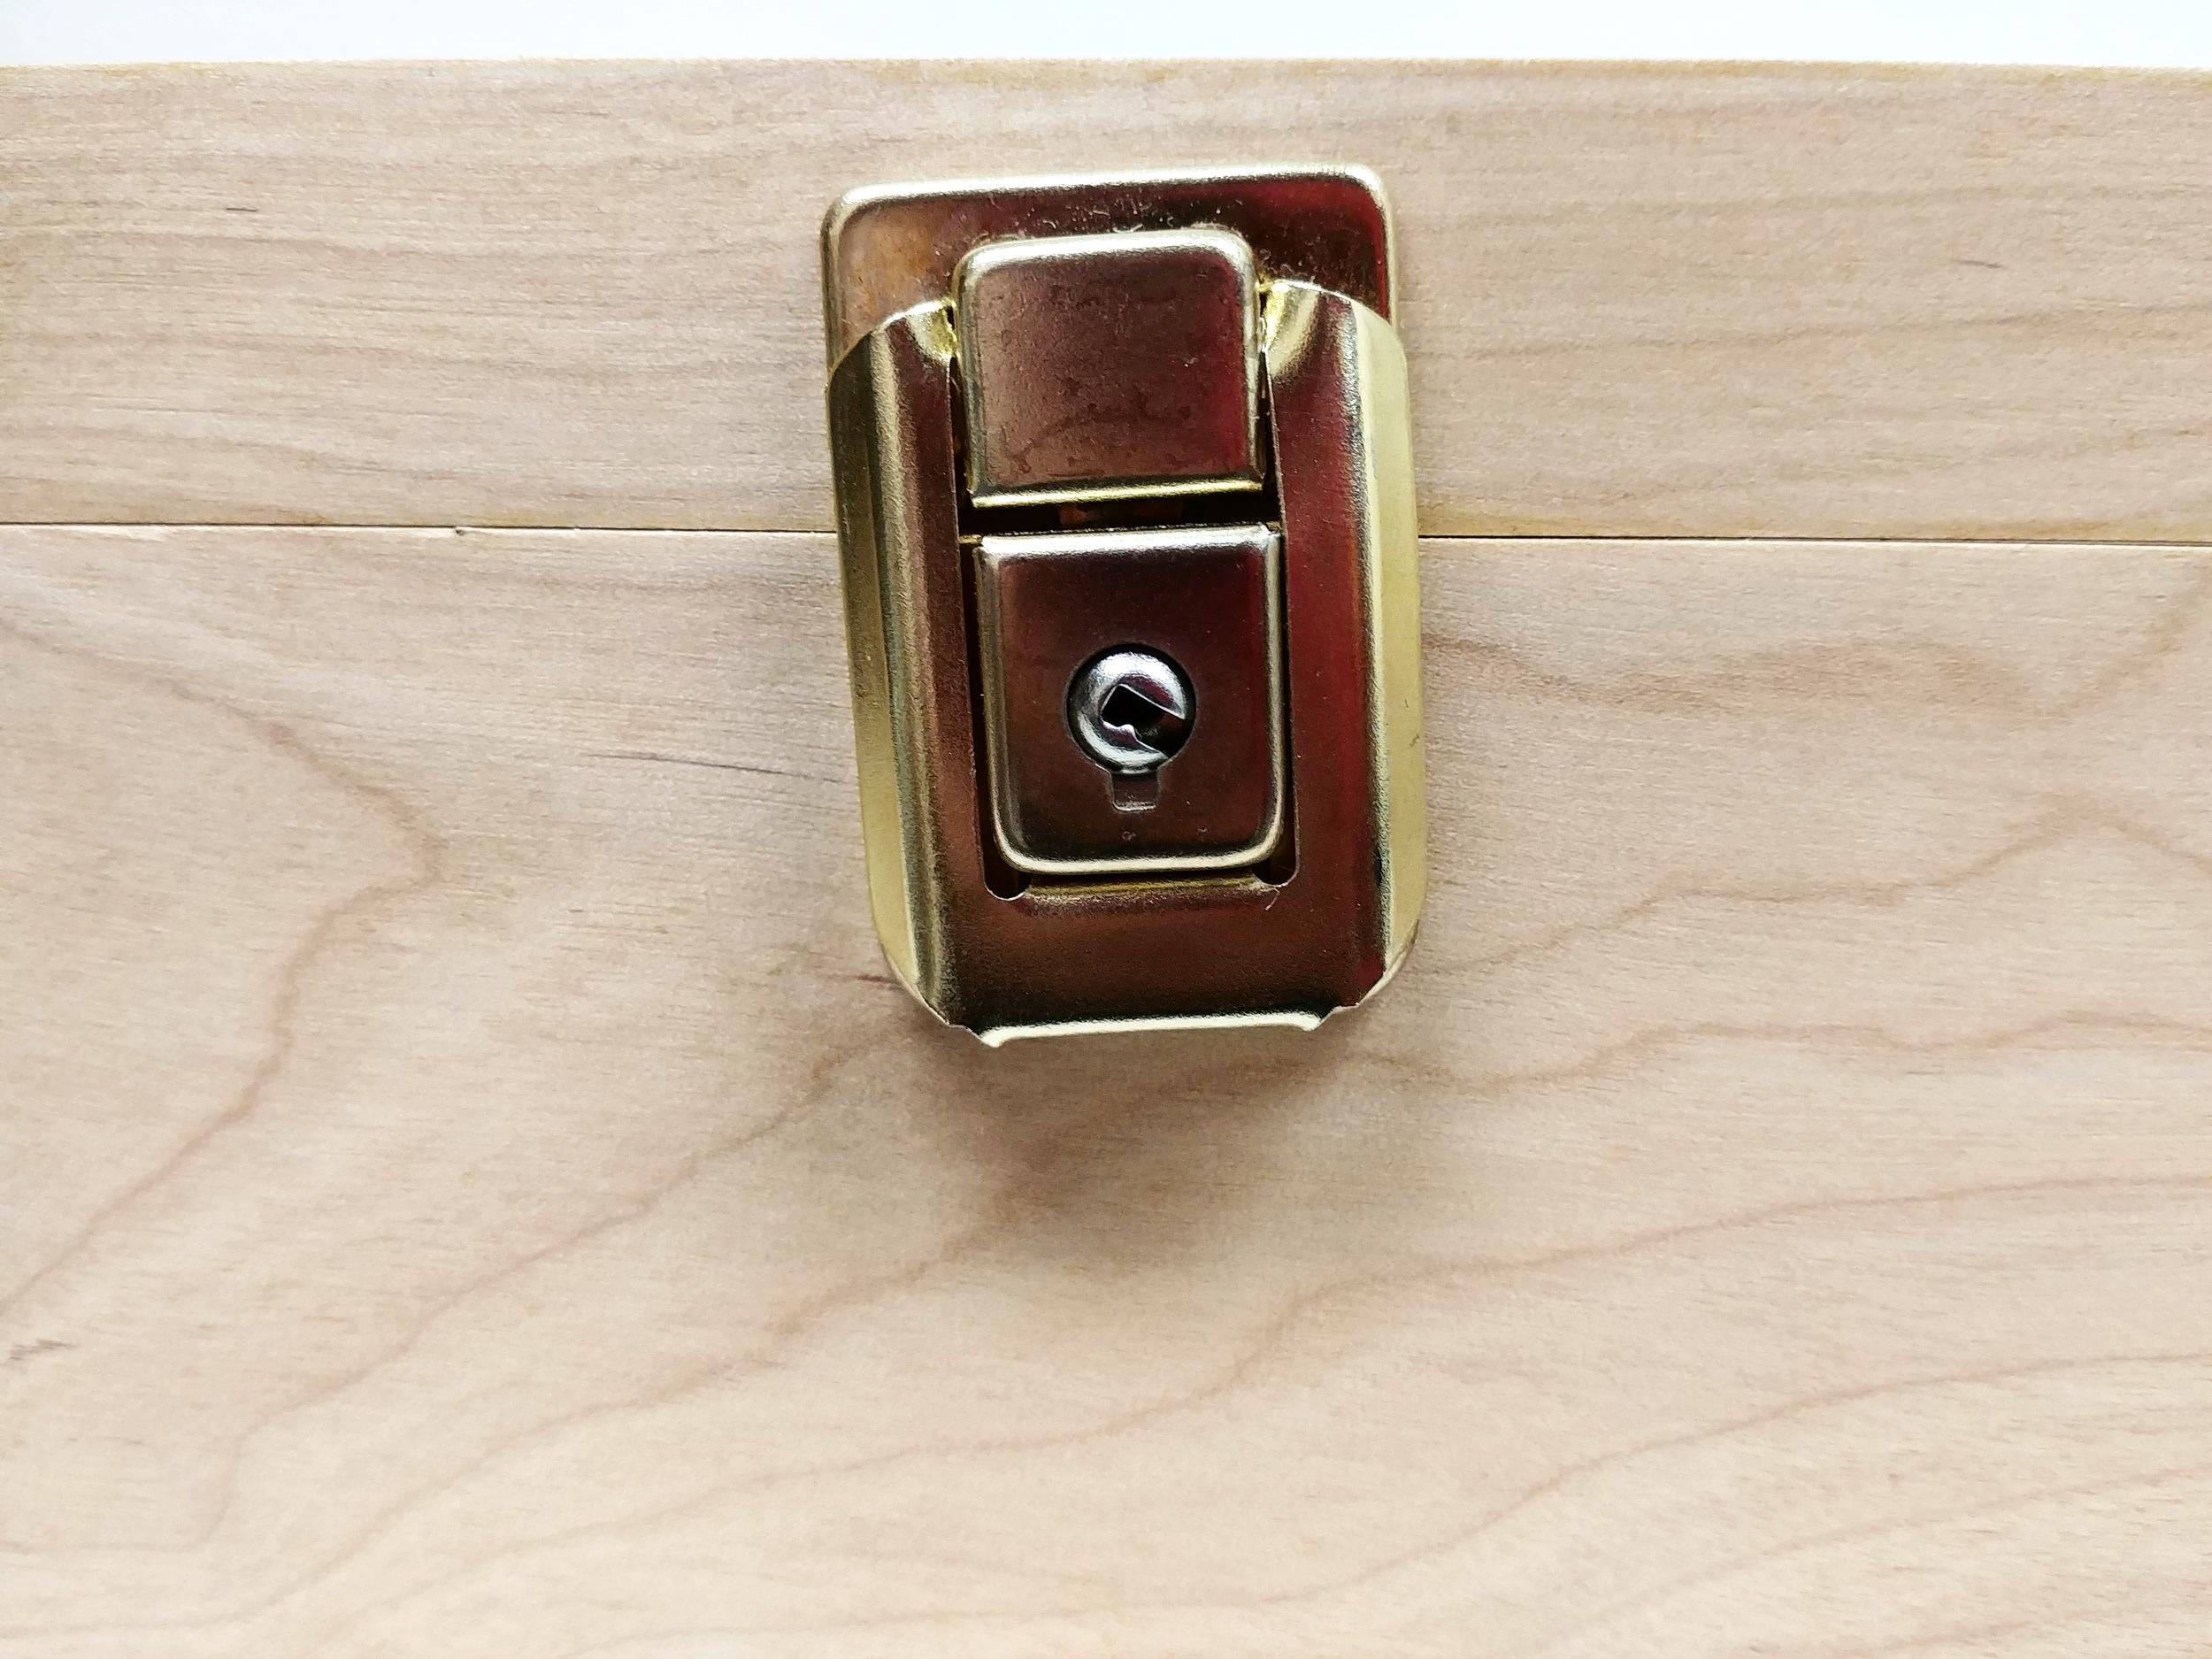 10 - 1 of 2 Brass Locks